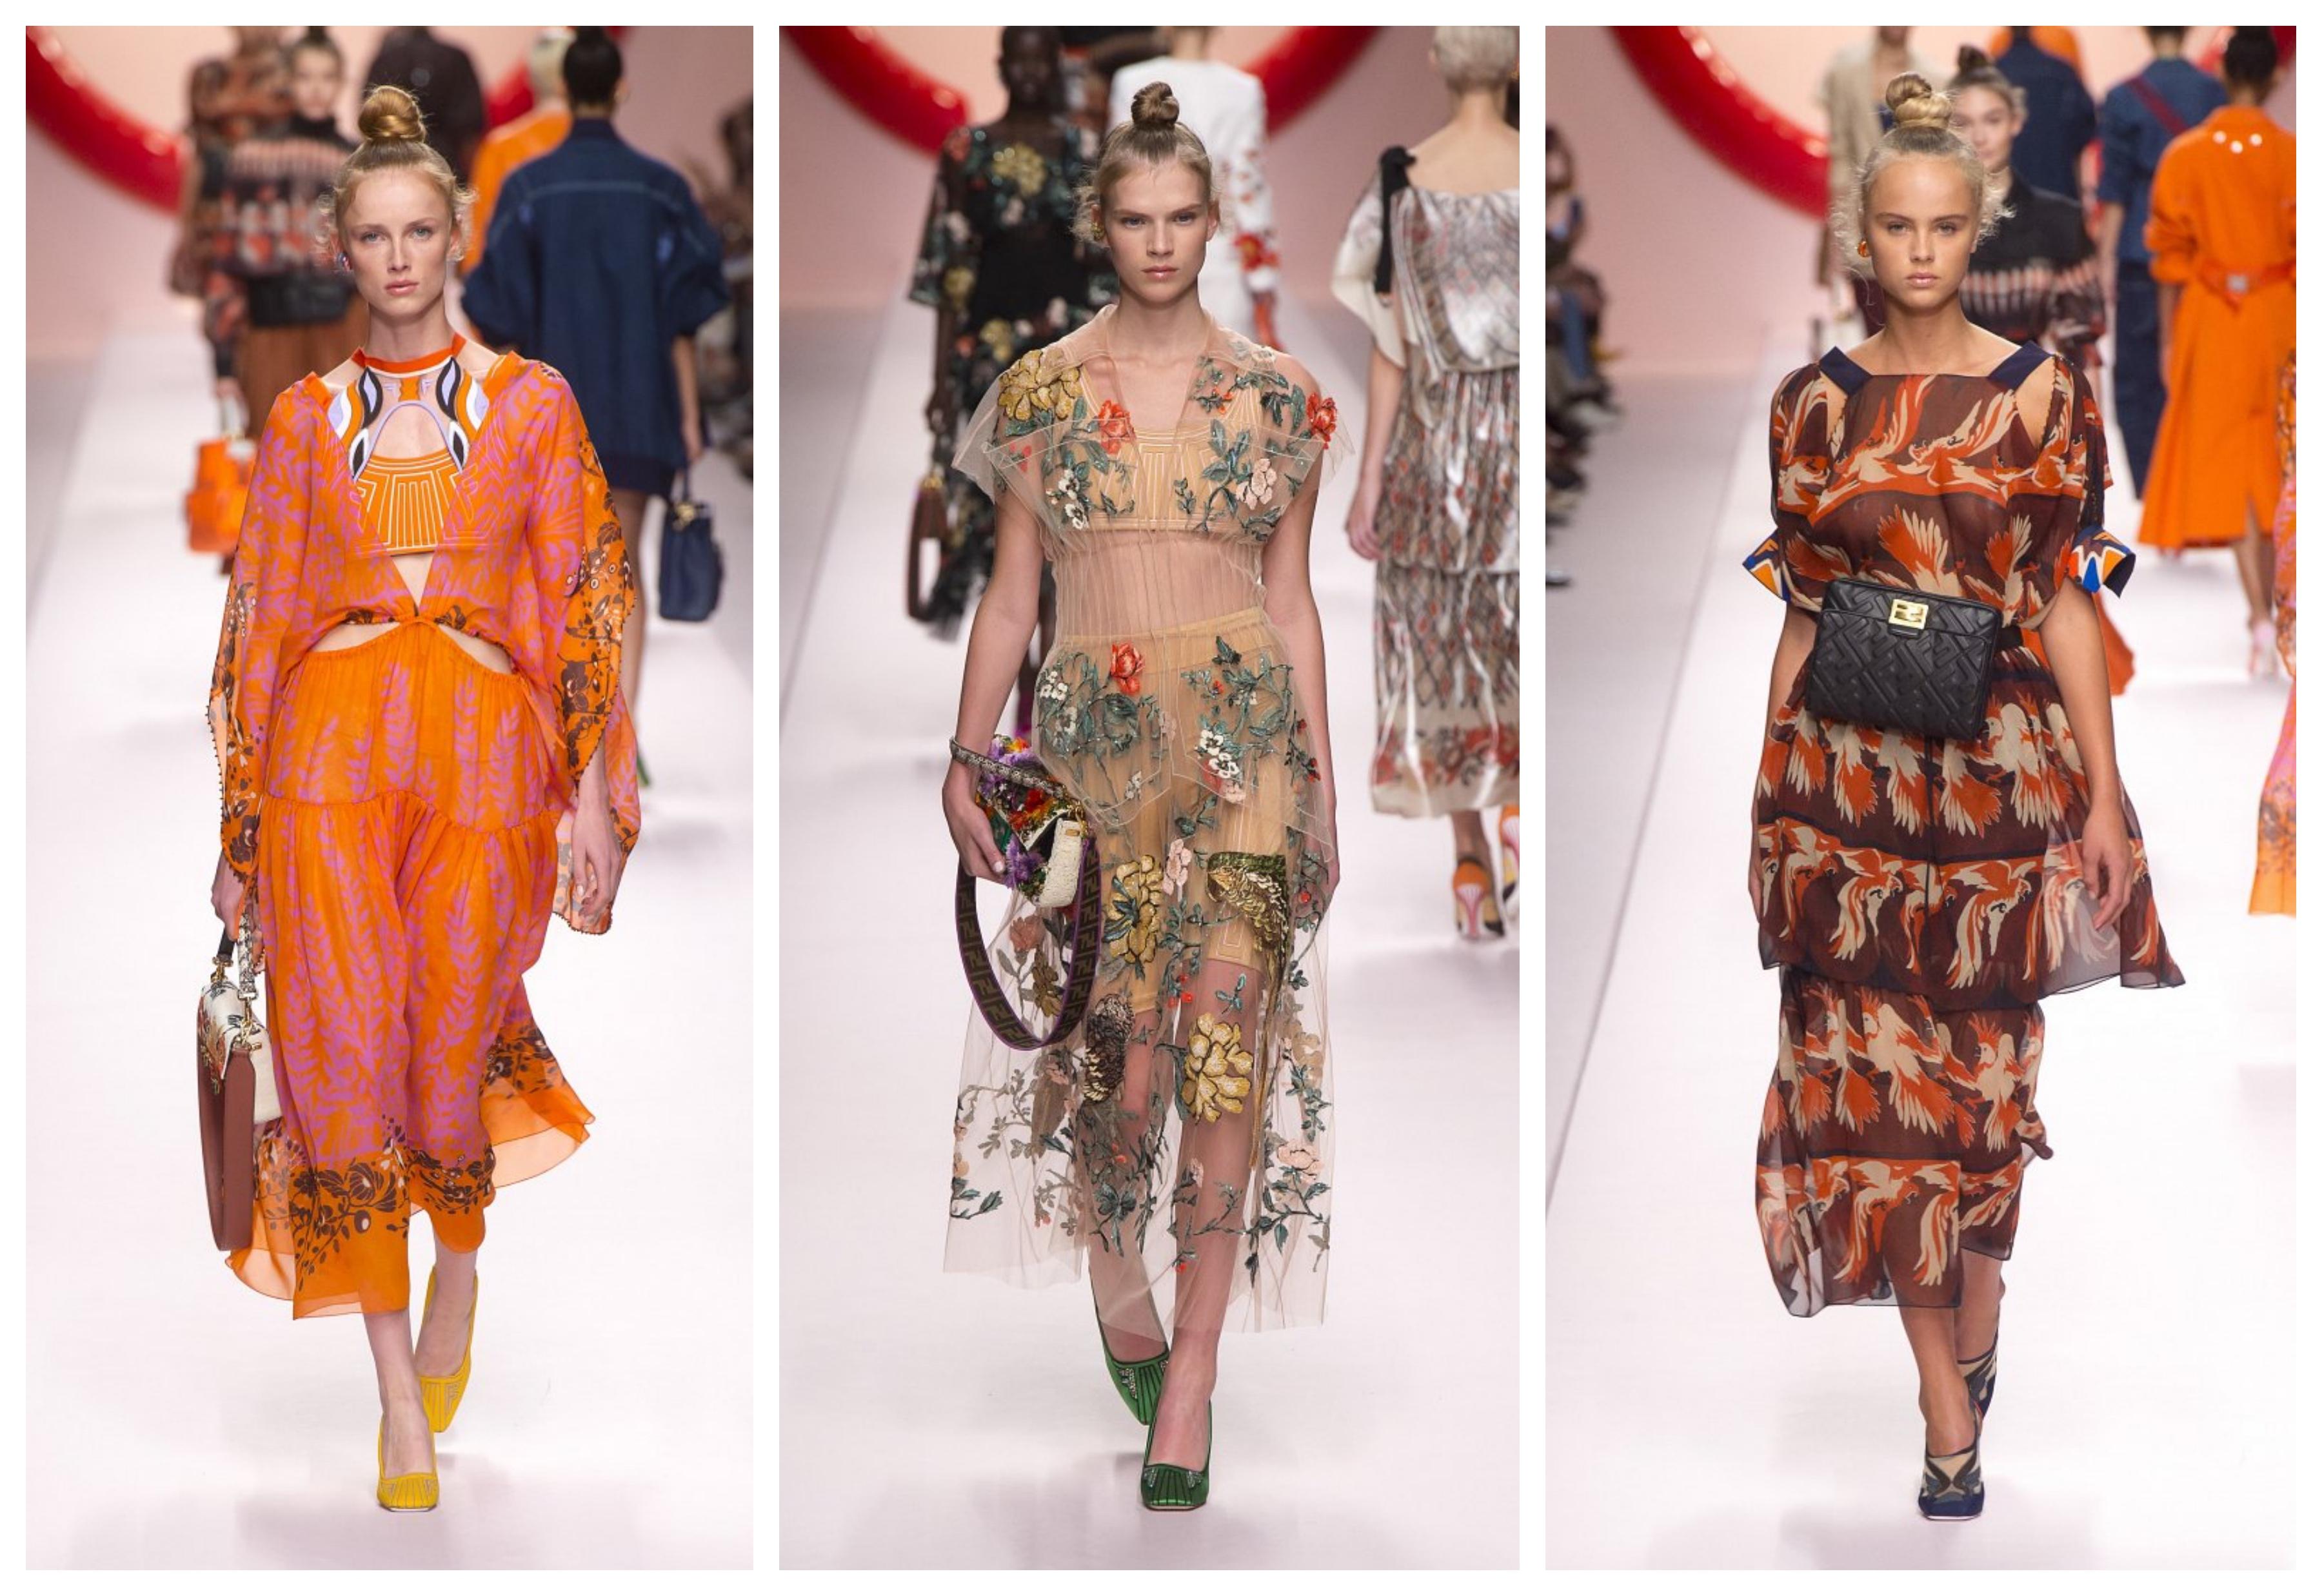 Мода на платья в 2019 году